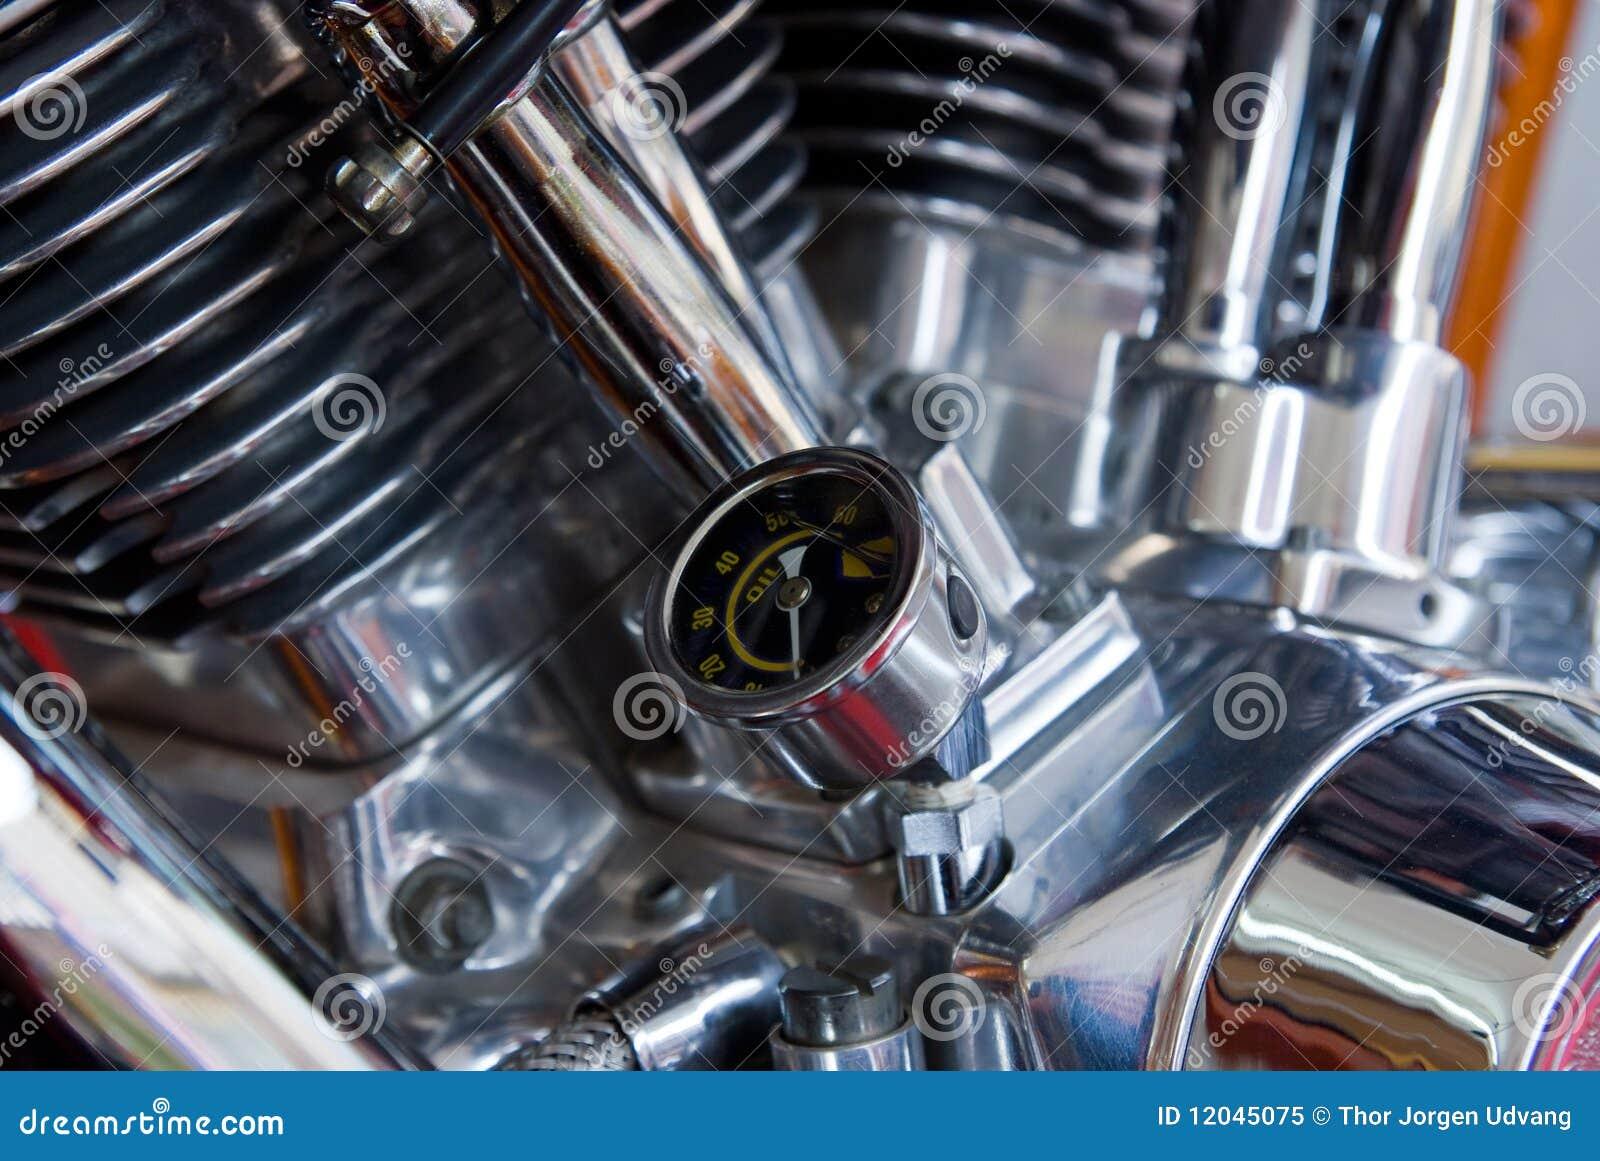 Oil Pressure Gauge On Motorcycle Engine Stock Image